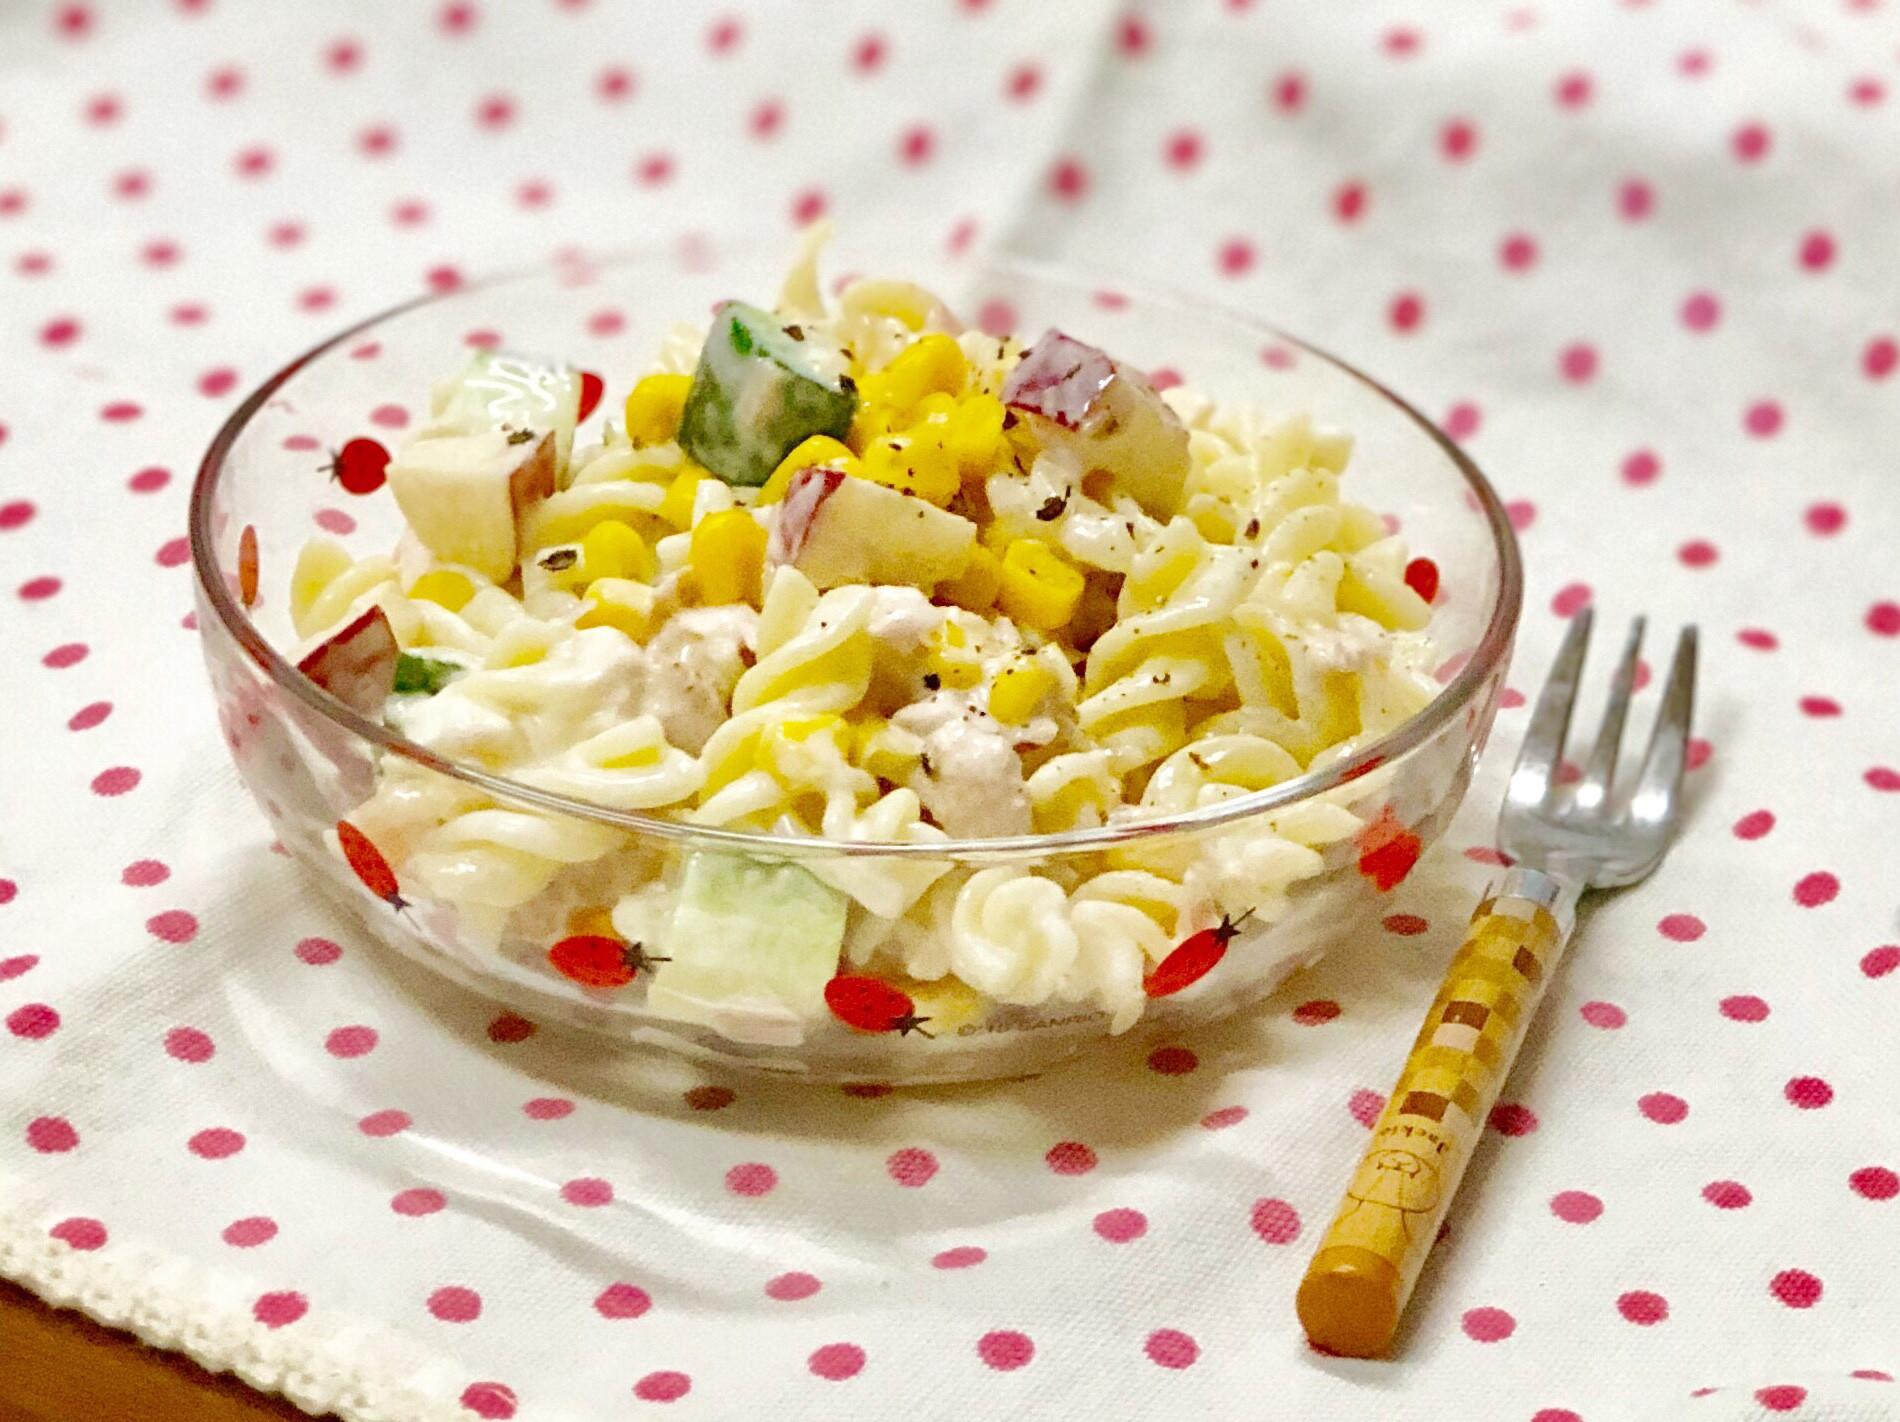 鮪魚玉米沙拉螺旋麵-冰涼好吃